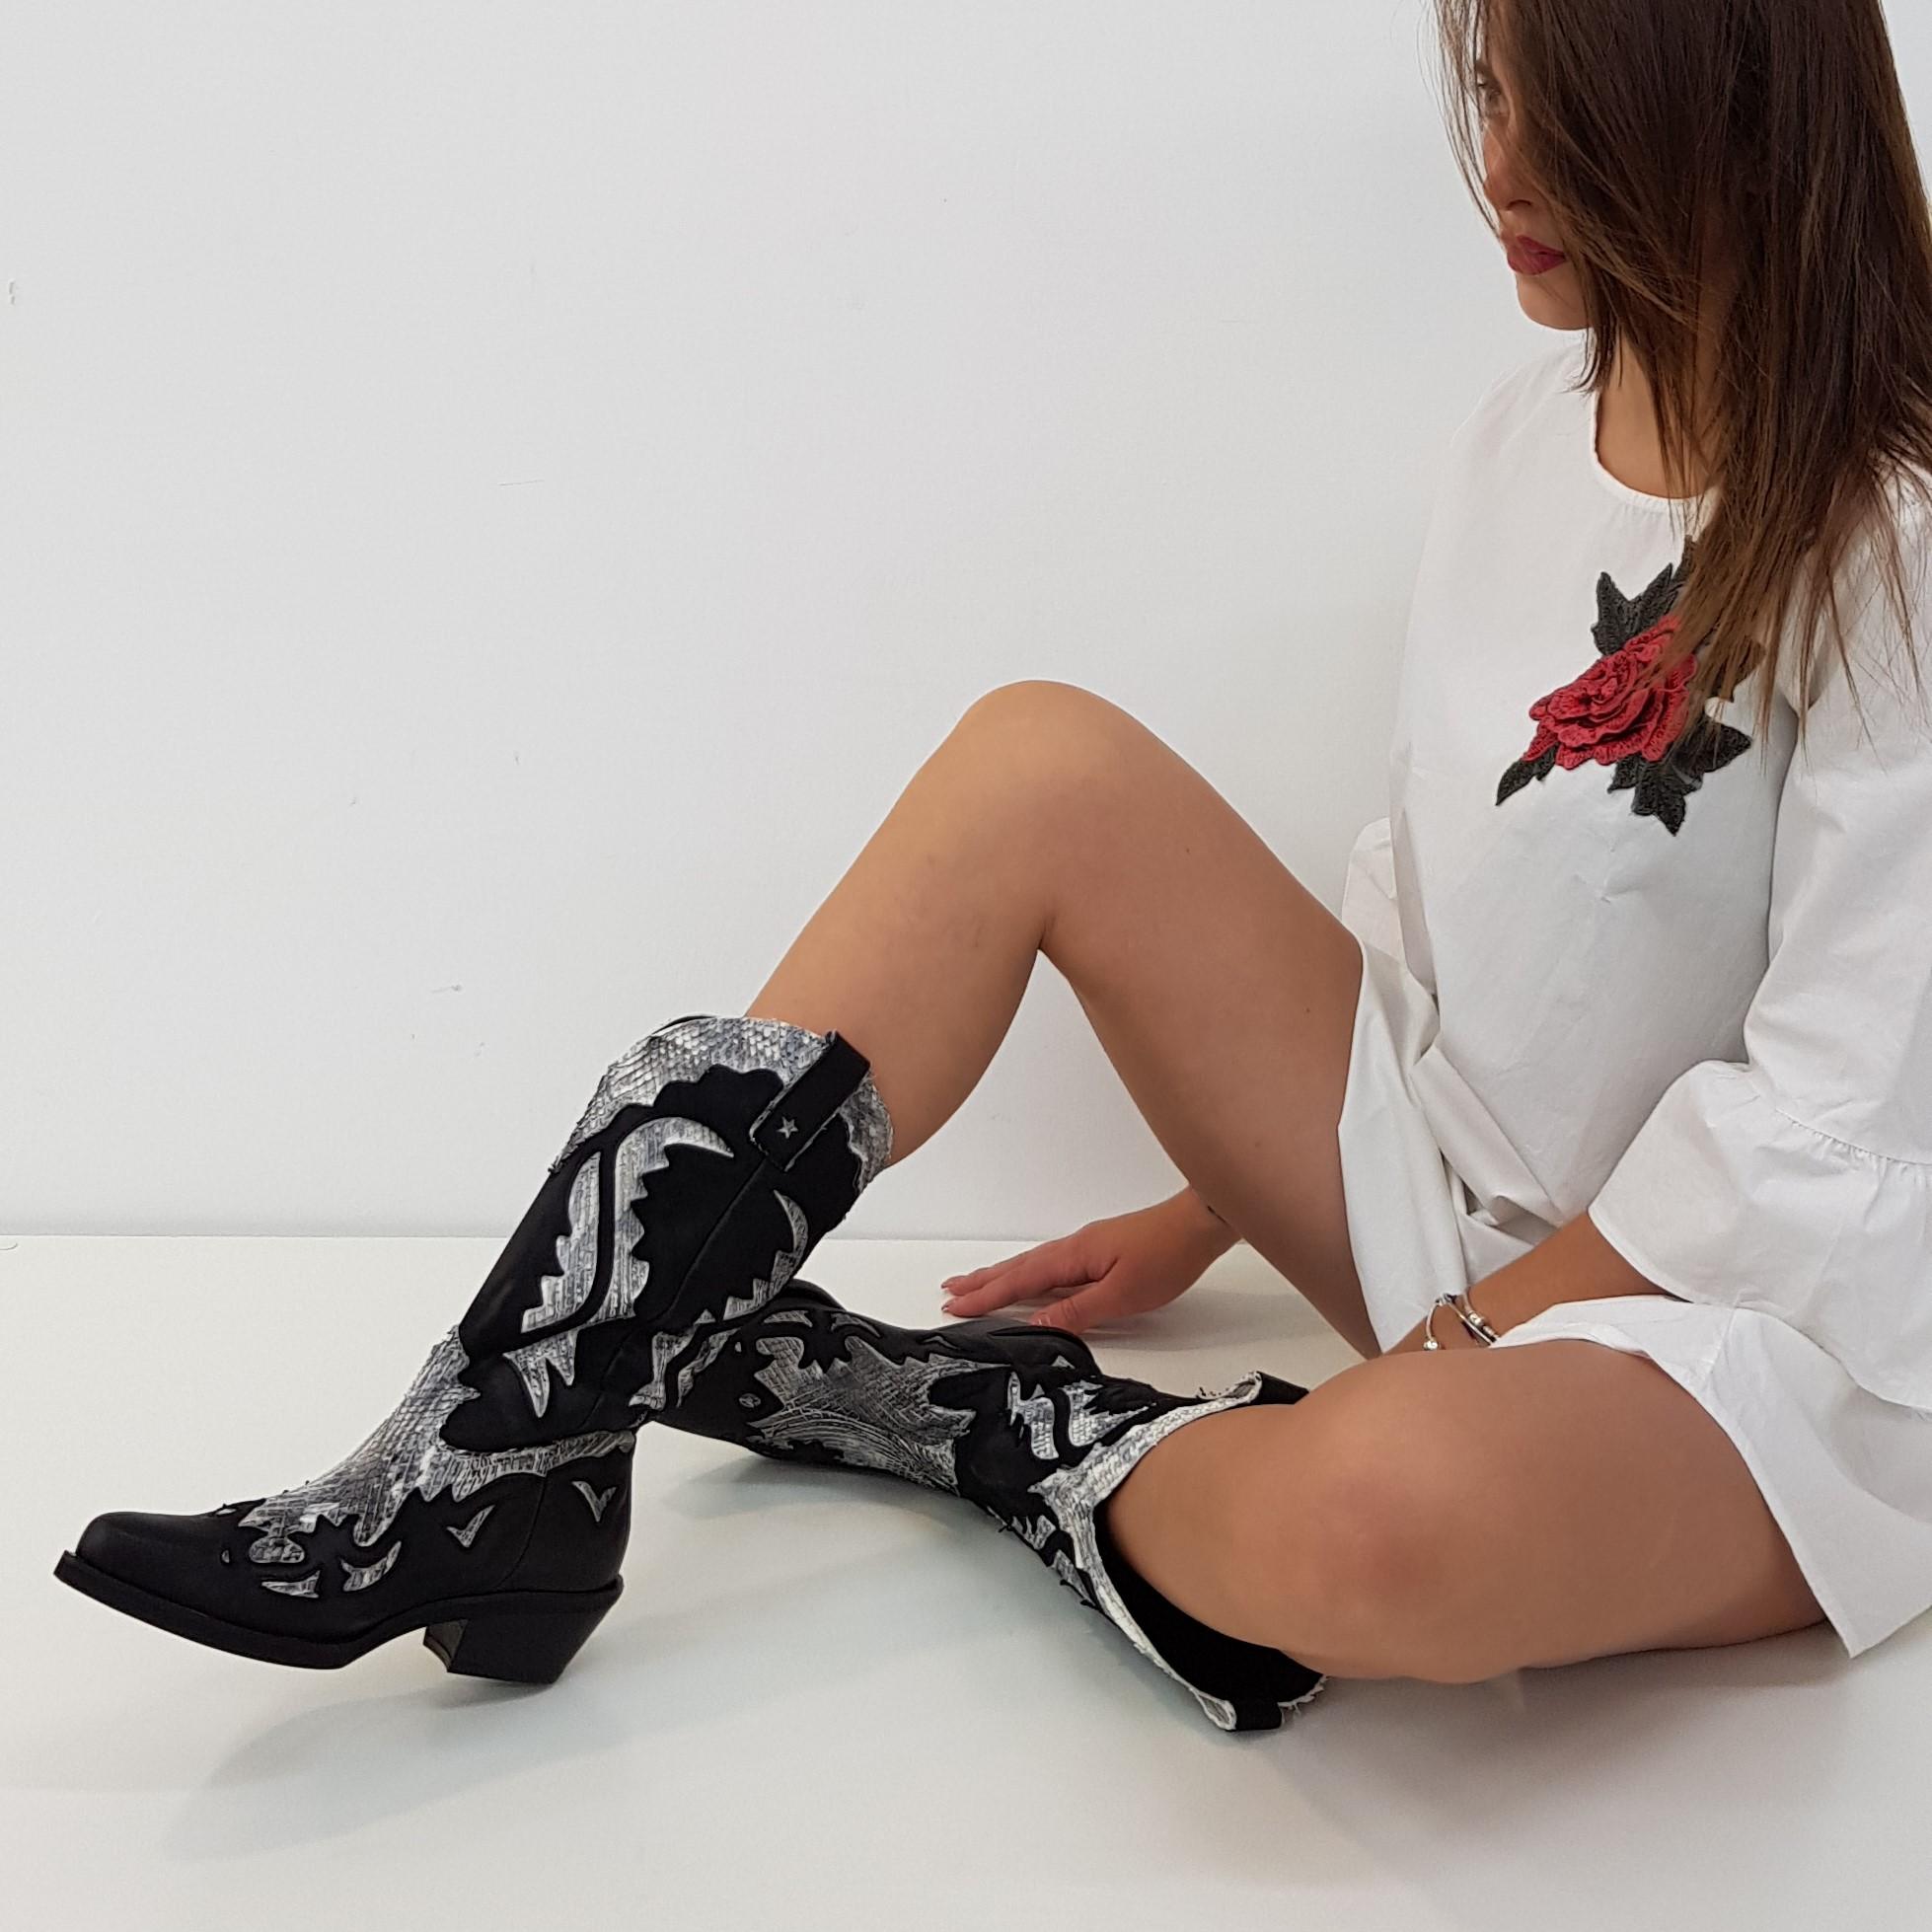 Stivali pelle nero e anaconda bianco oldwest1 - Lia diva scarpe ...